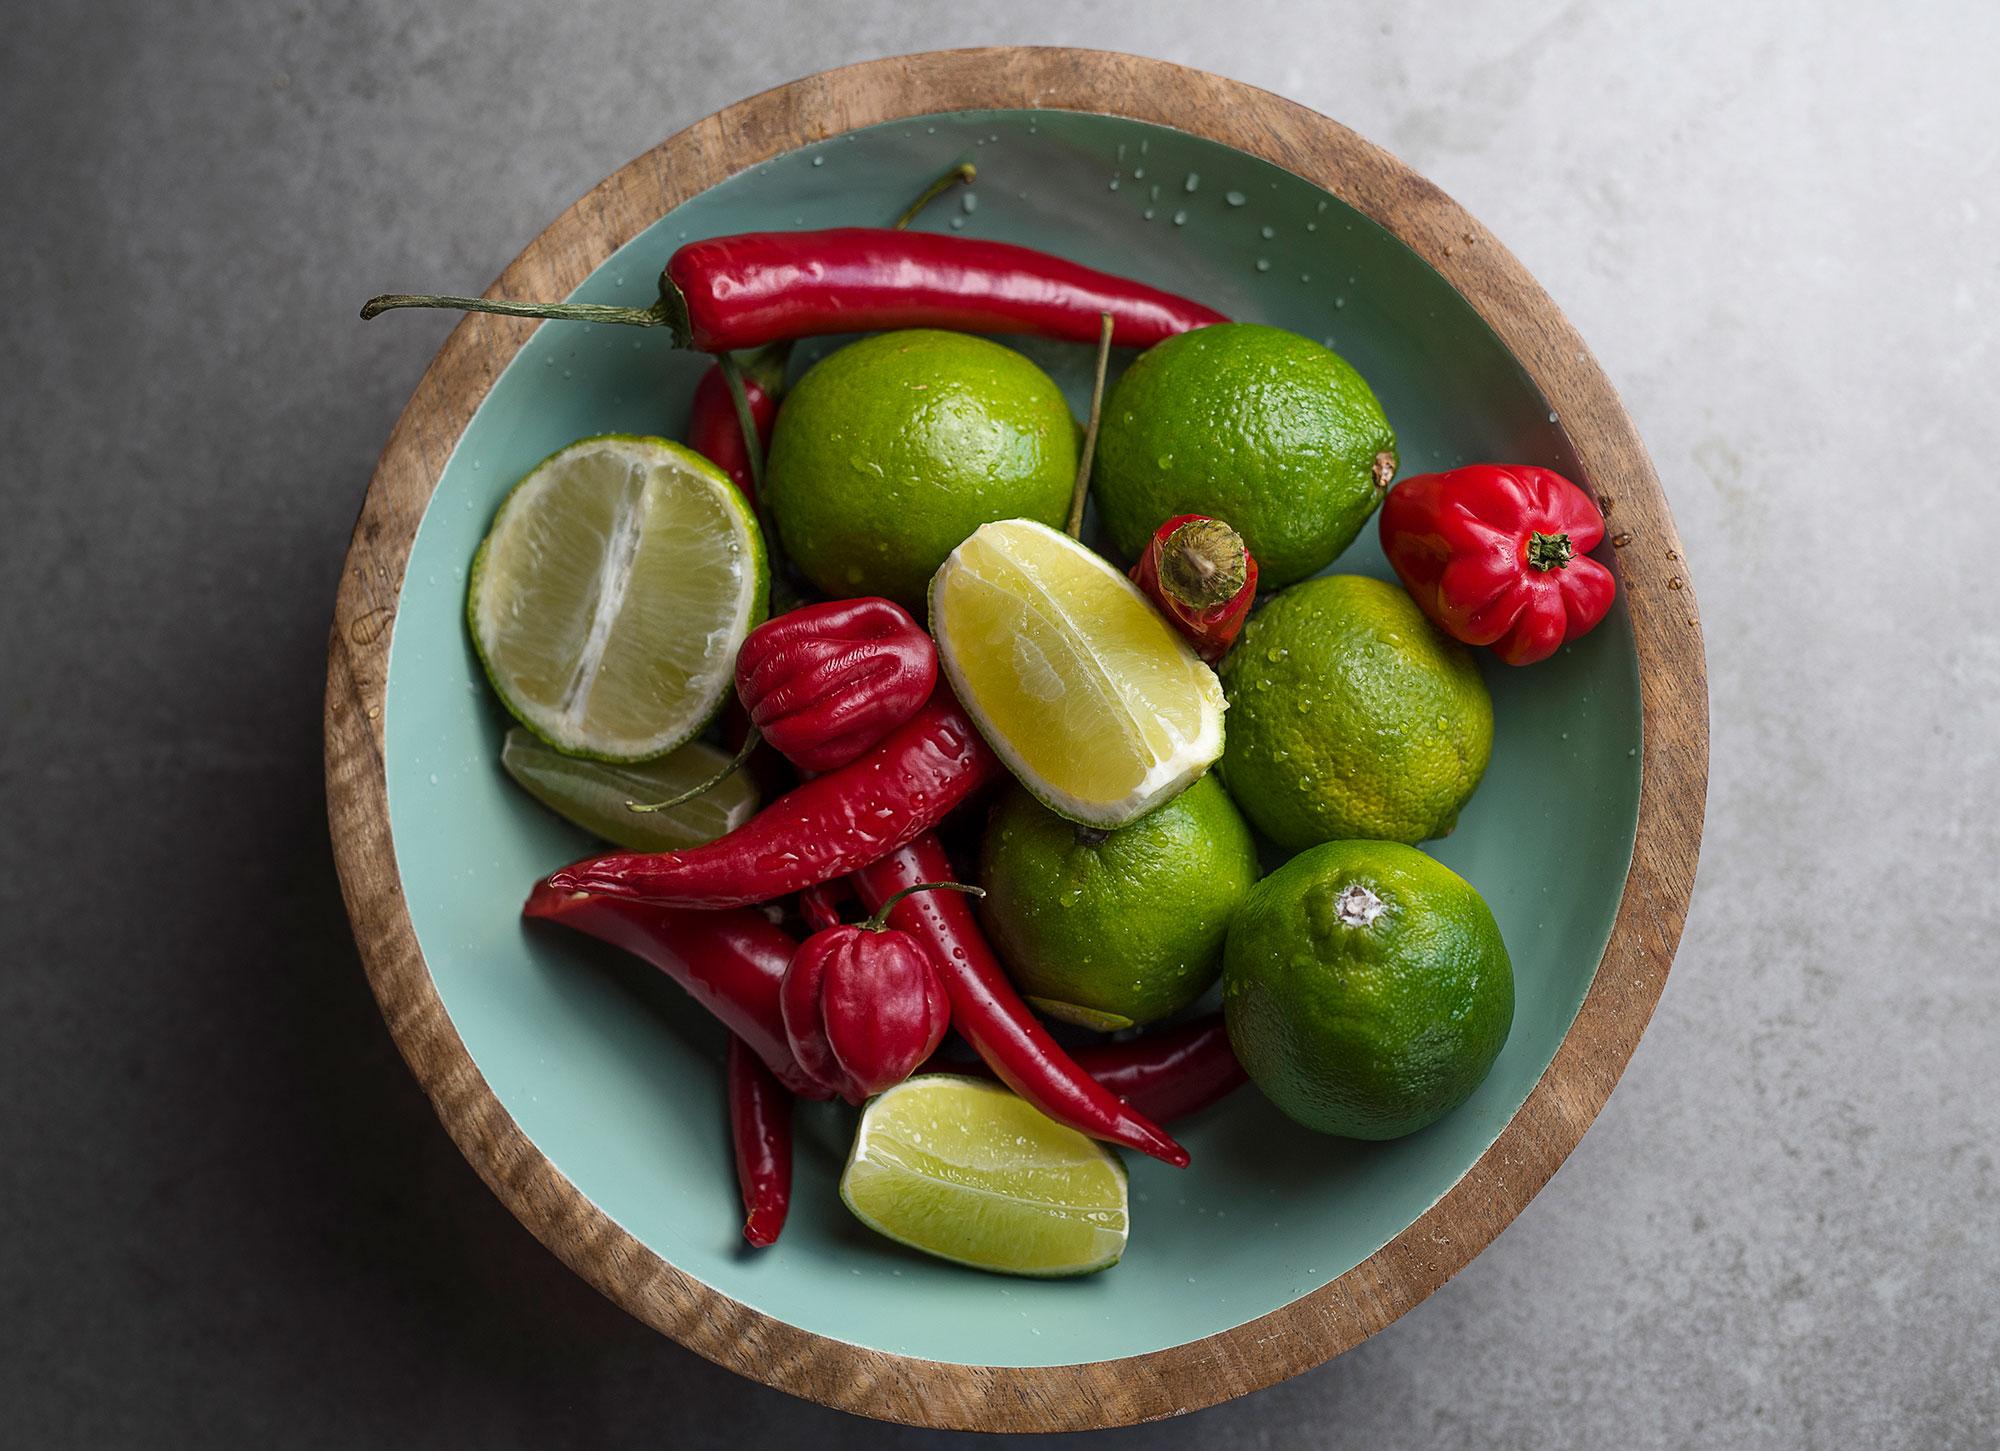 Coyo - Lime & Chili